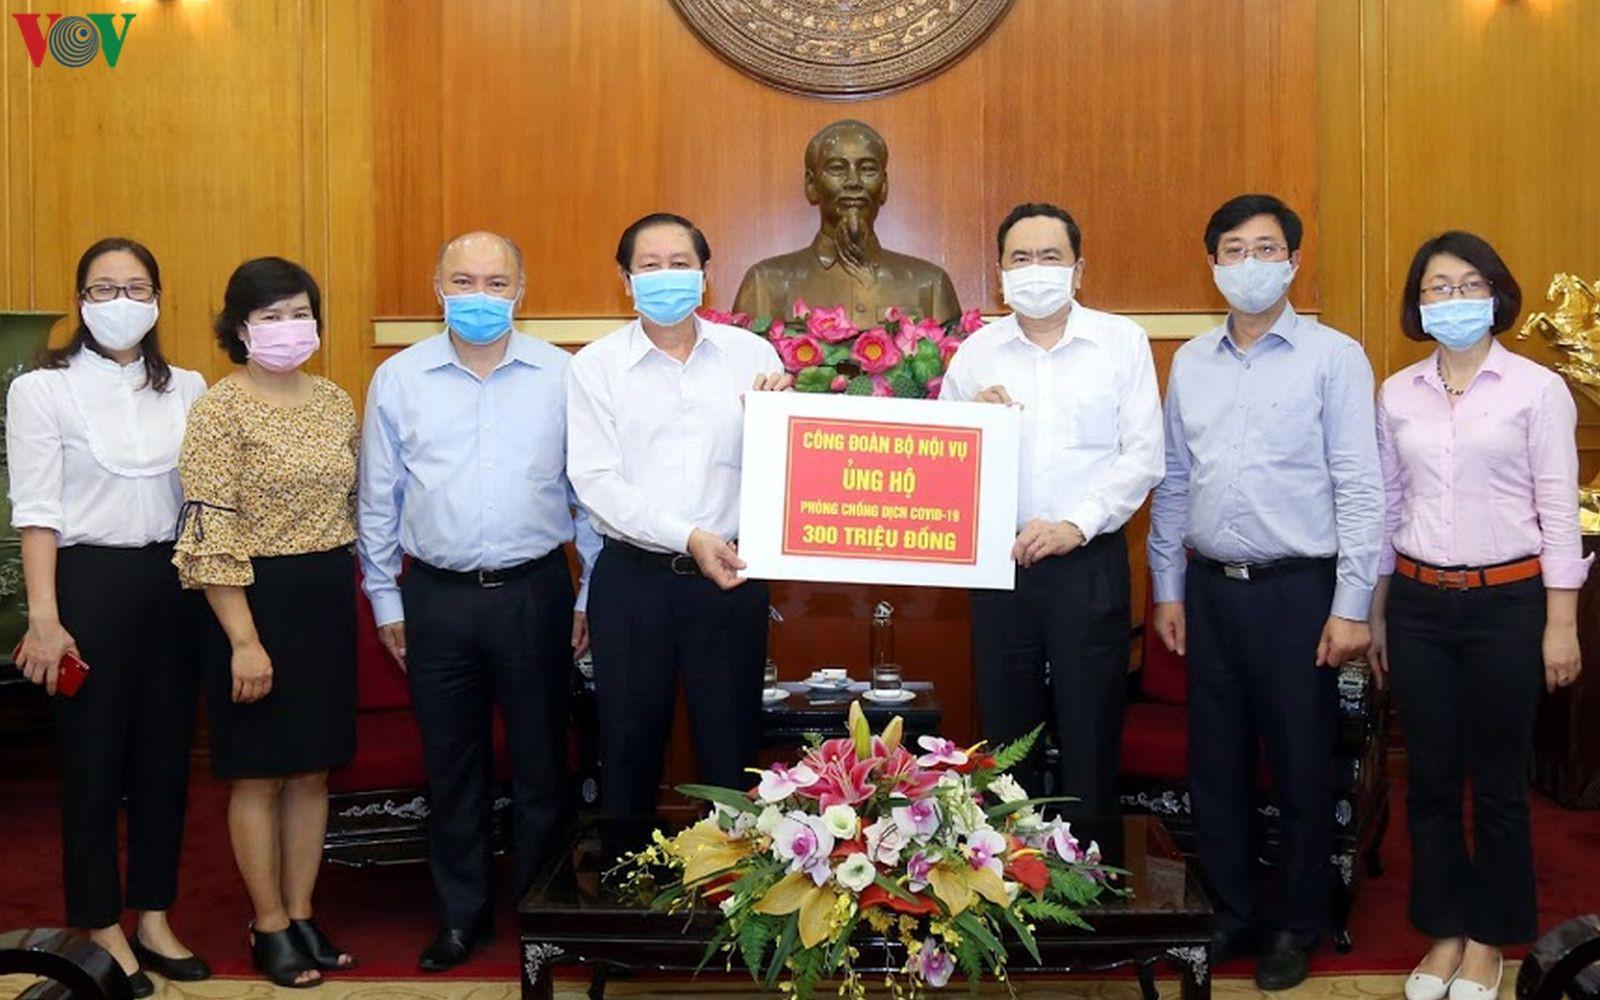 Xúc động những tấm lòng vàng ủng hộ Quỹ phòng chống dịch Covid-19